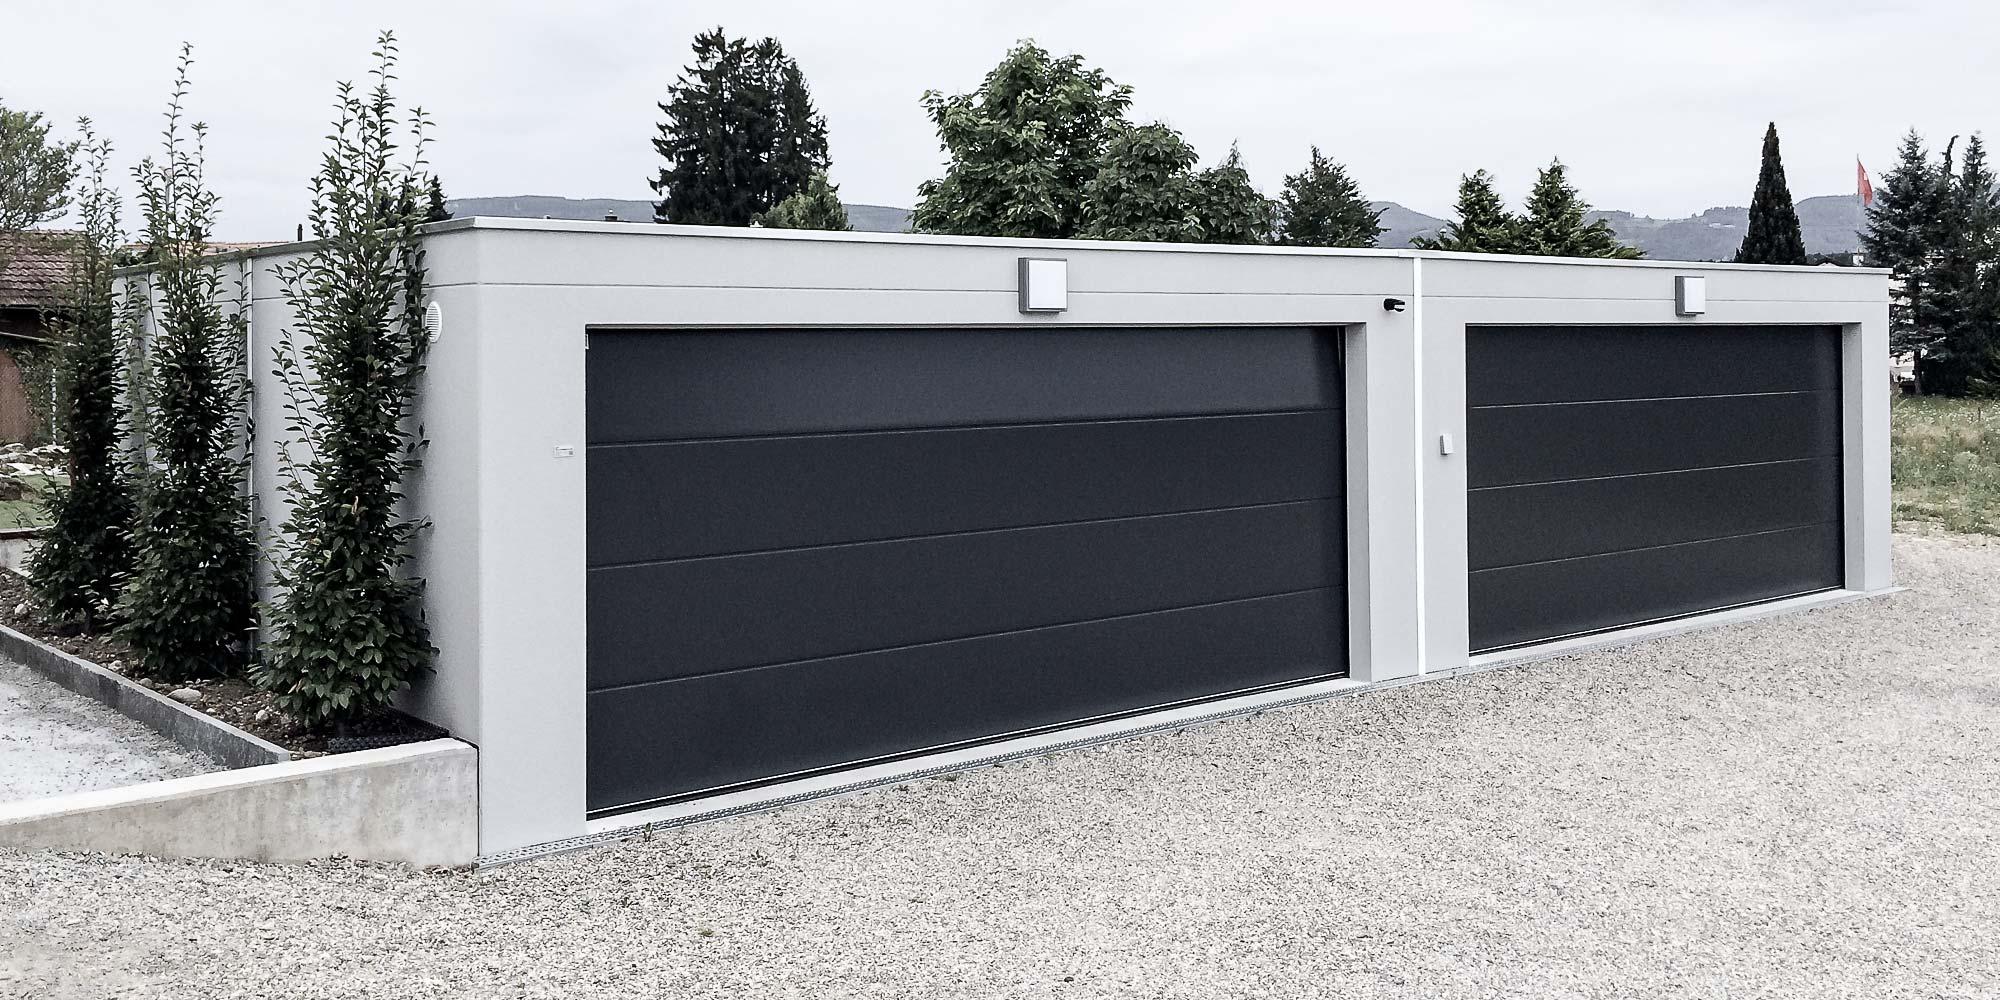 Fertiggarage beton  UNINORM – Fertiggaragen, Carports, Garagentore, Gartenhäuser